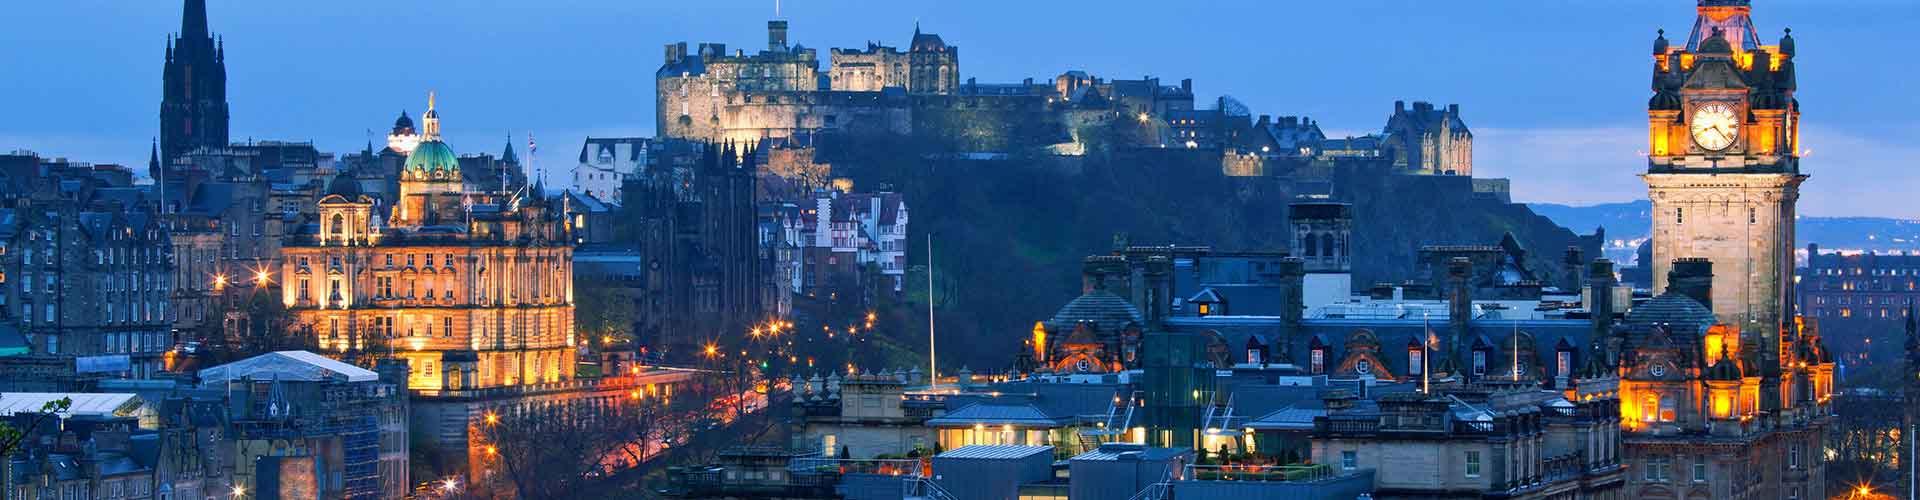 Edinburgh - Ifjúsági Szállások Edinburghben. Edinburgh térképek, fotók és ajánlások minden egyes ifjúsági szállásokra Edinburgh-ben.